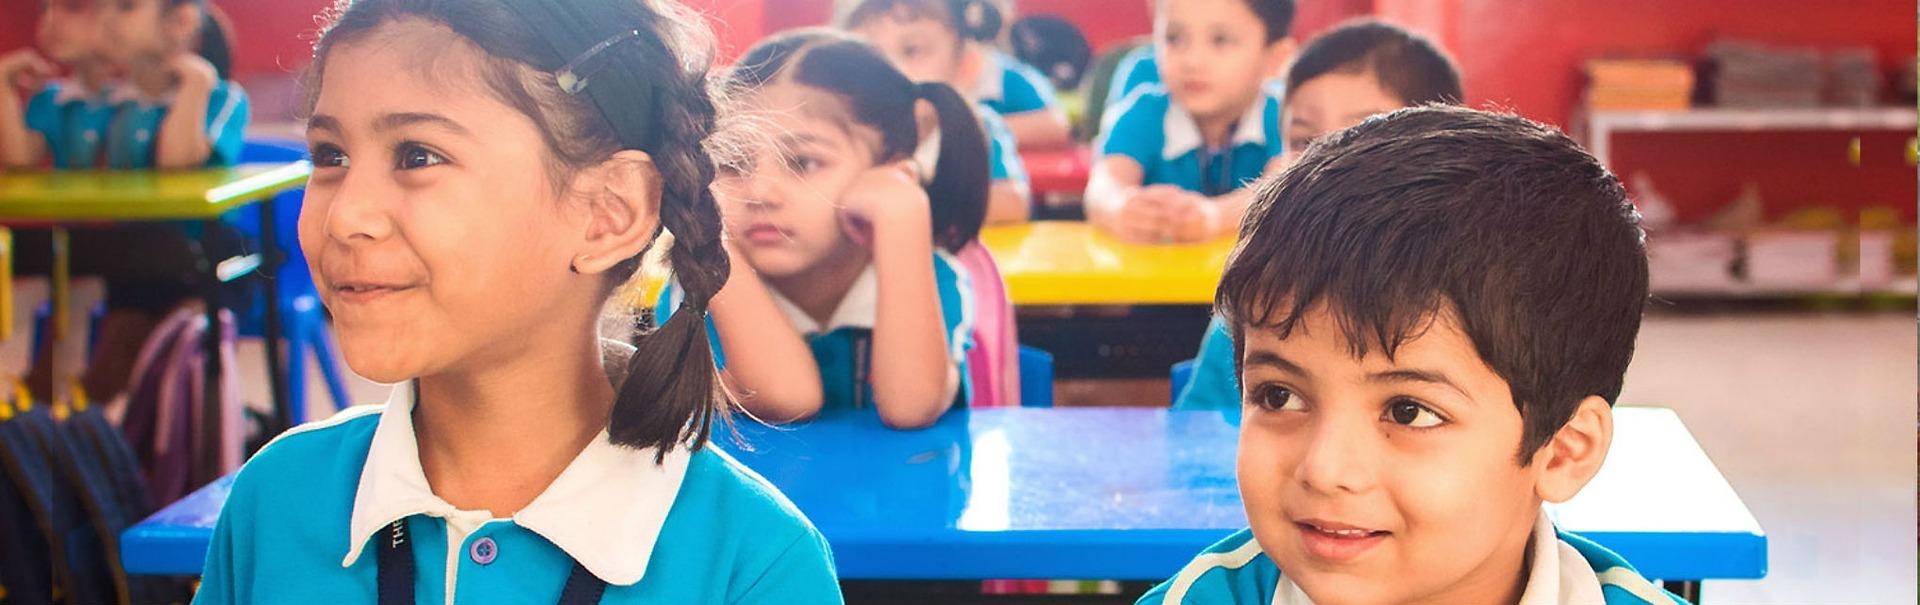 小學排名對於家長能起到什麼樣的作用?